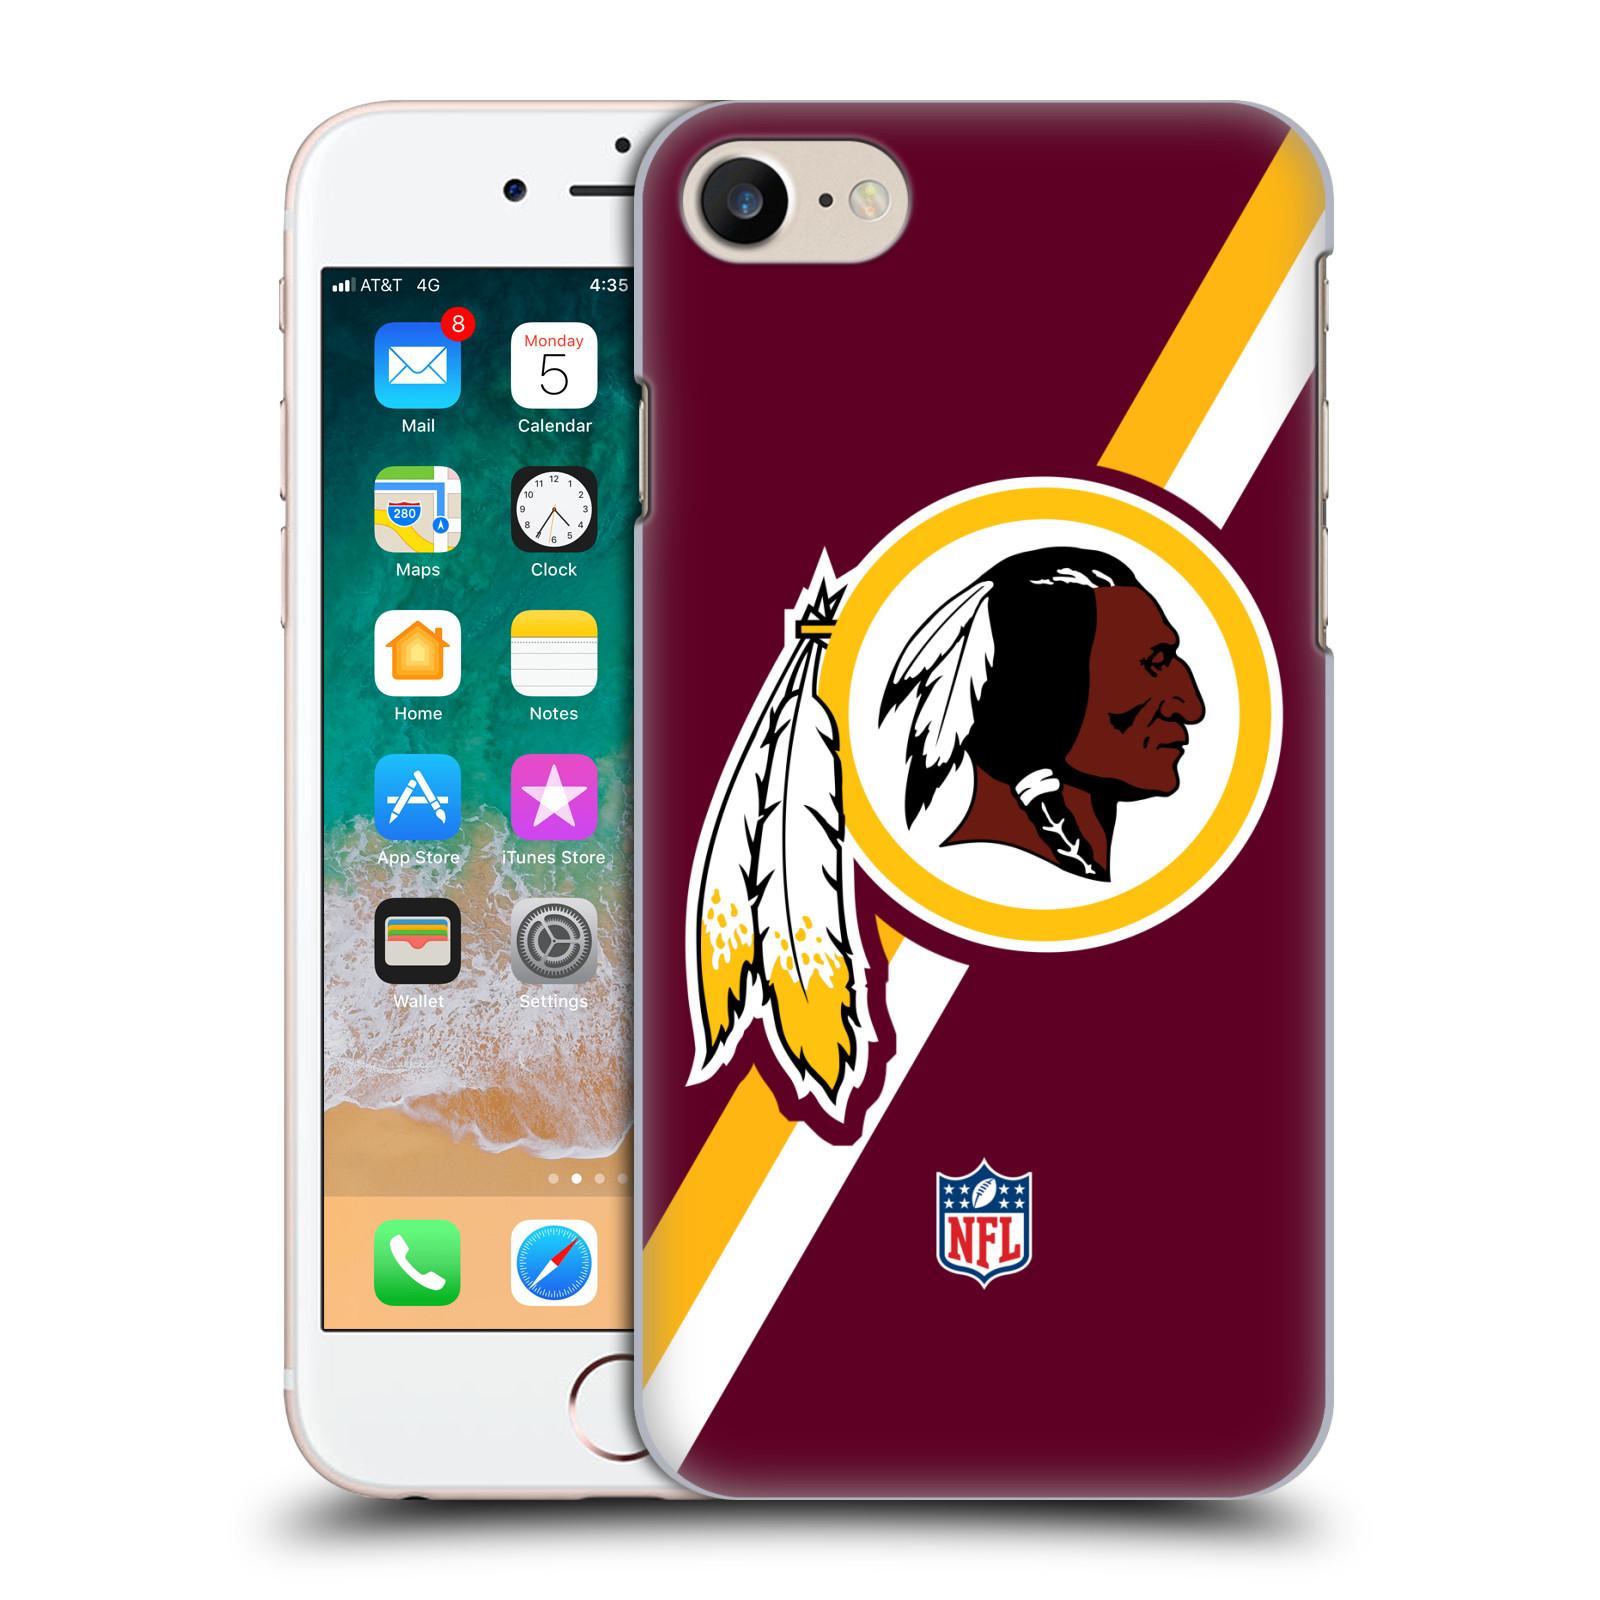 OFFICIAL NFL WASHINGTON REDSKINS LOGO HARD BACK CASE FOR APPLE IPHONE PHONES